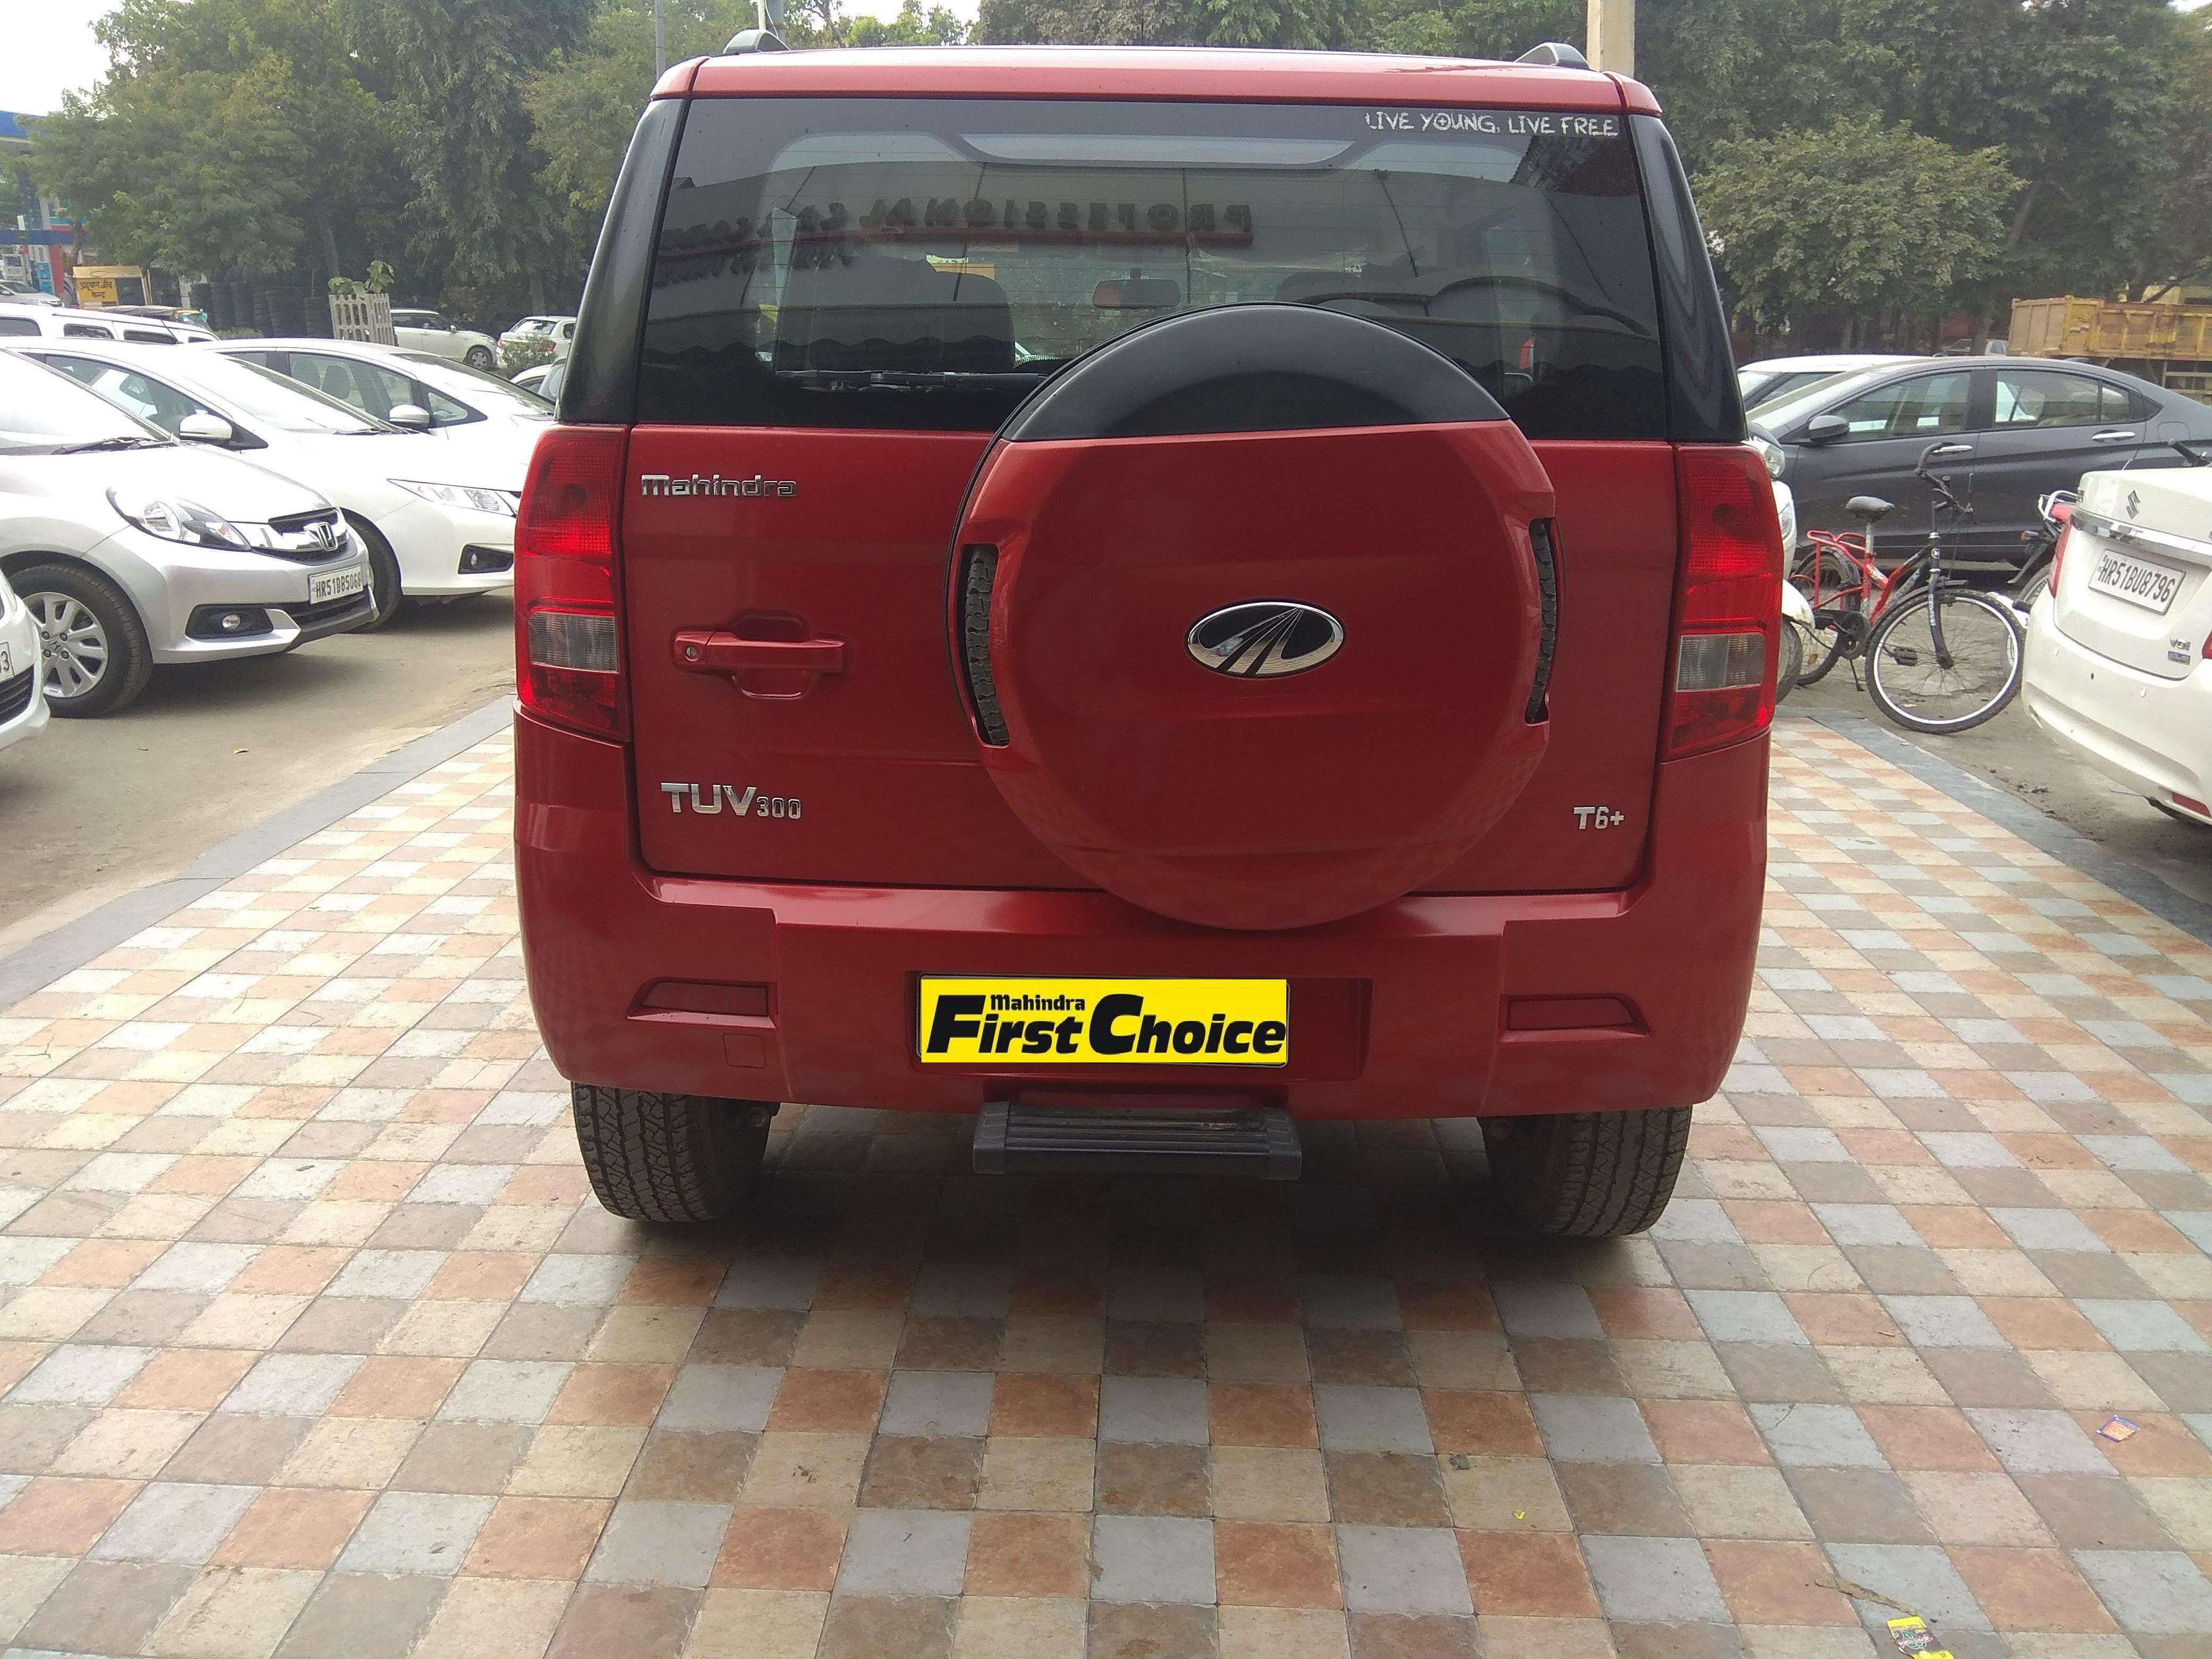 2017 Used Mahindra Tuv 300 T6 PLUS